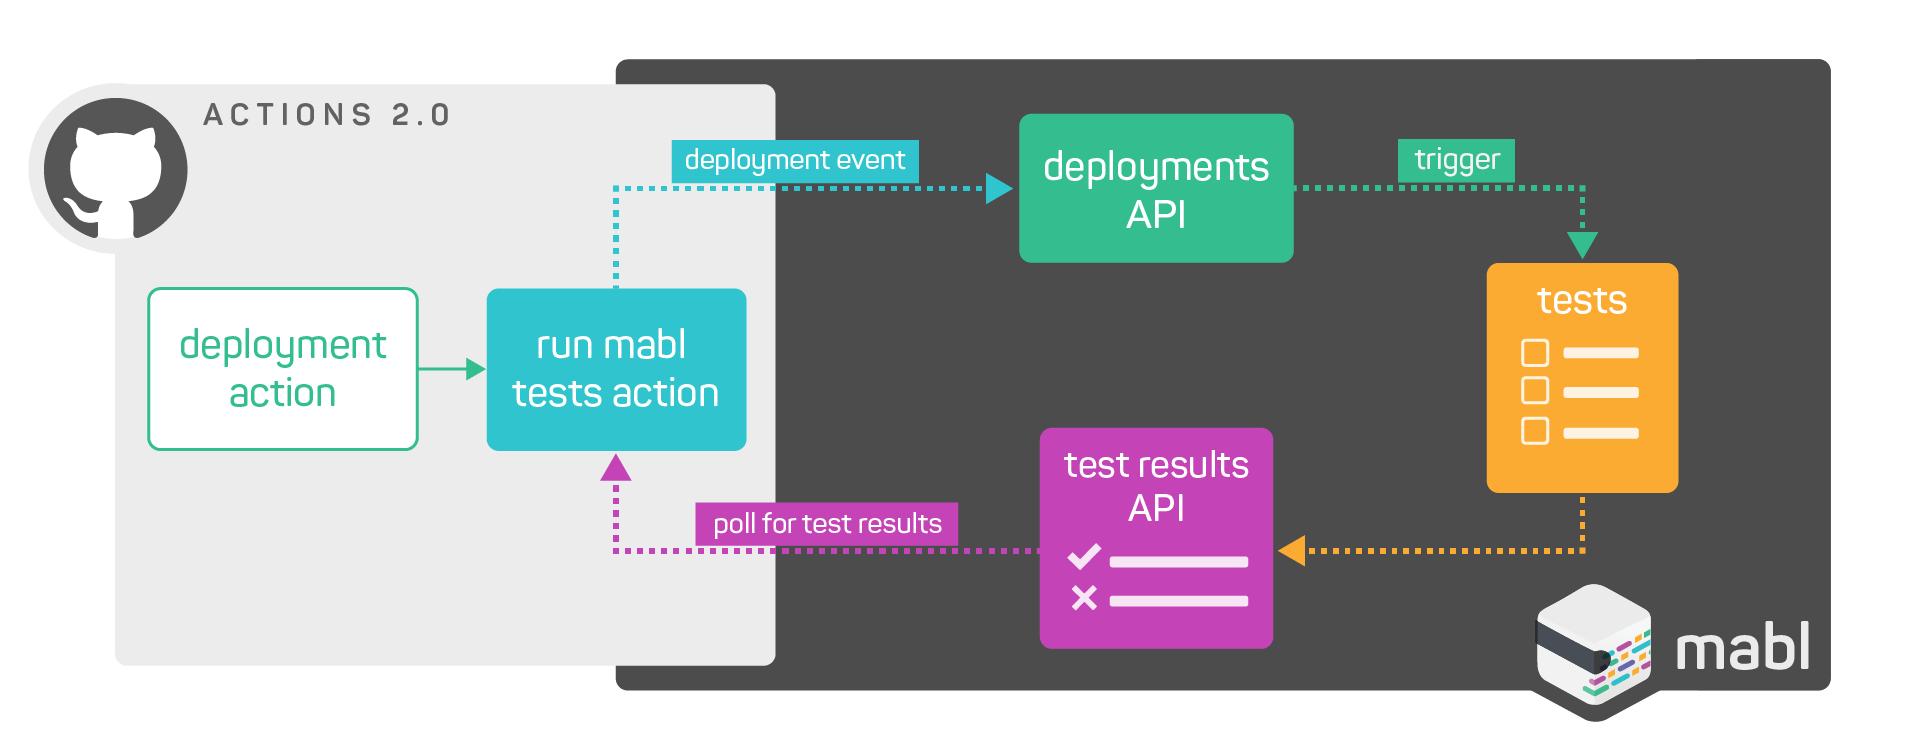 mabl app diagram